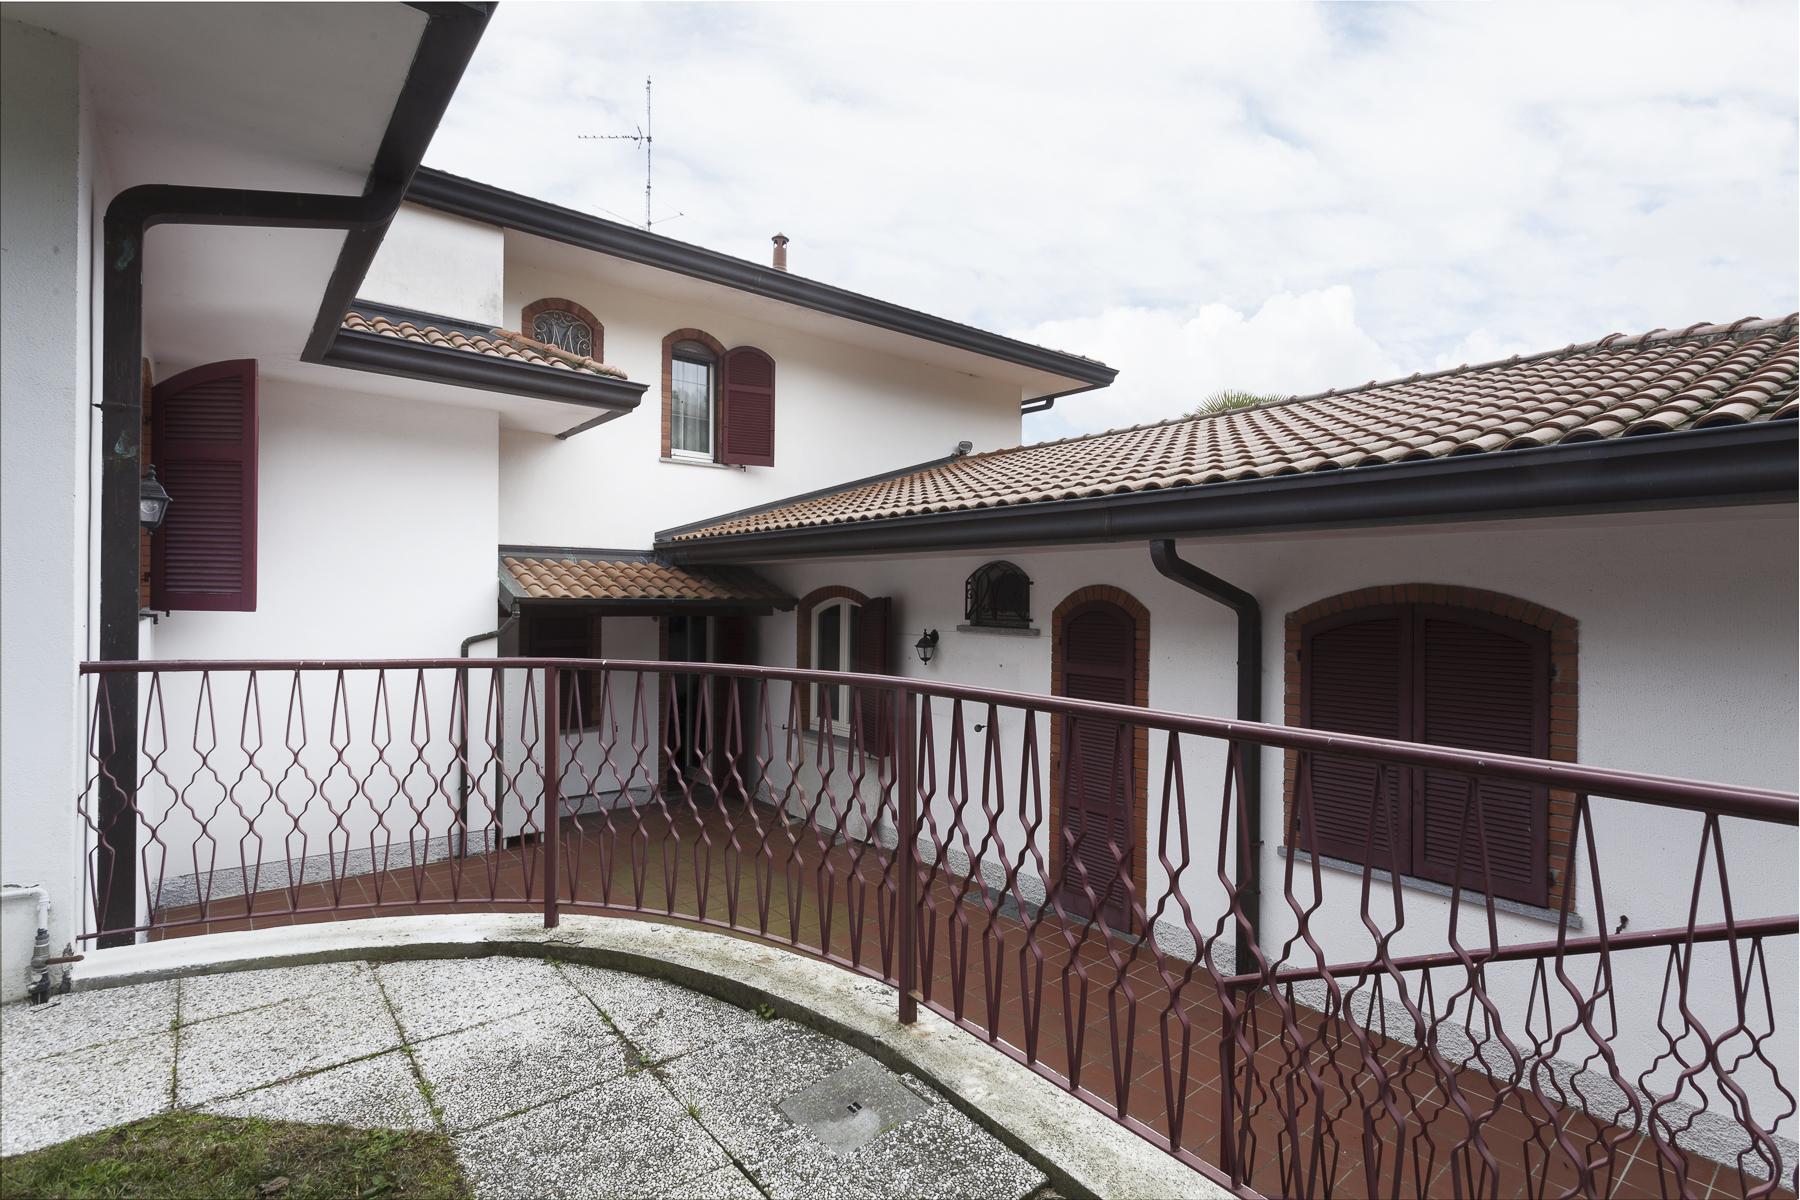 Villa in Vendita a Nebbiuno: 5 locali, 370 mq - Foto 17